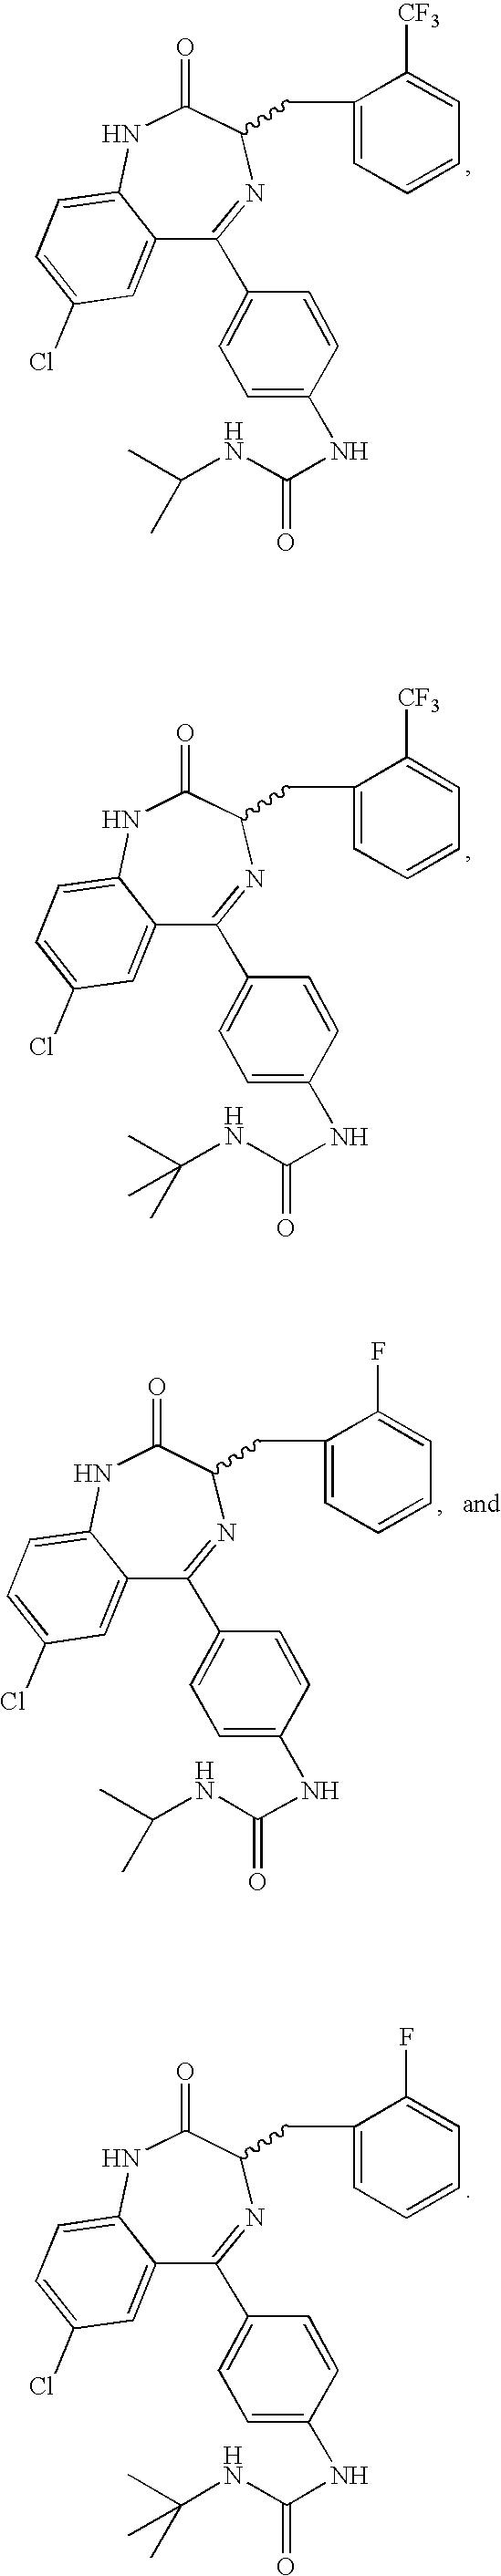 Figure US07851465-20101214-C00014